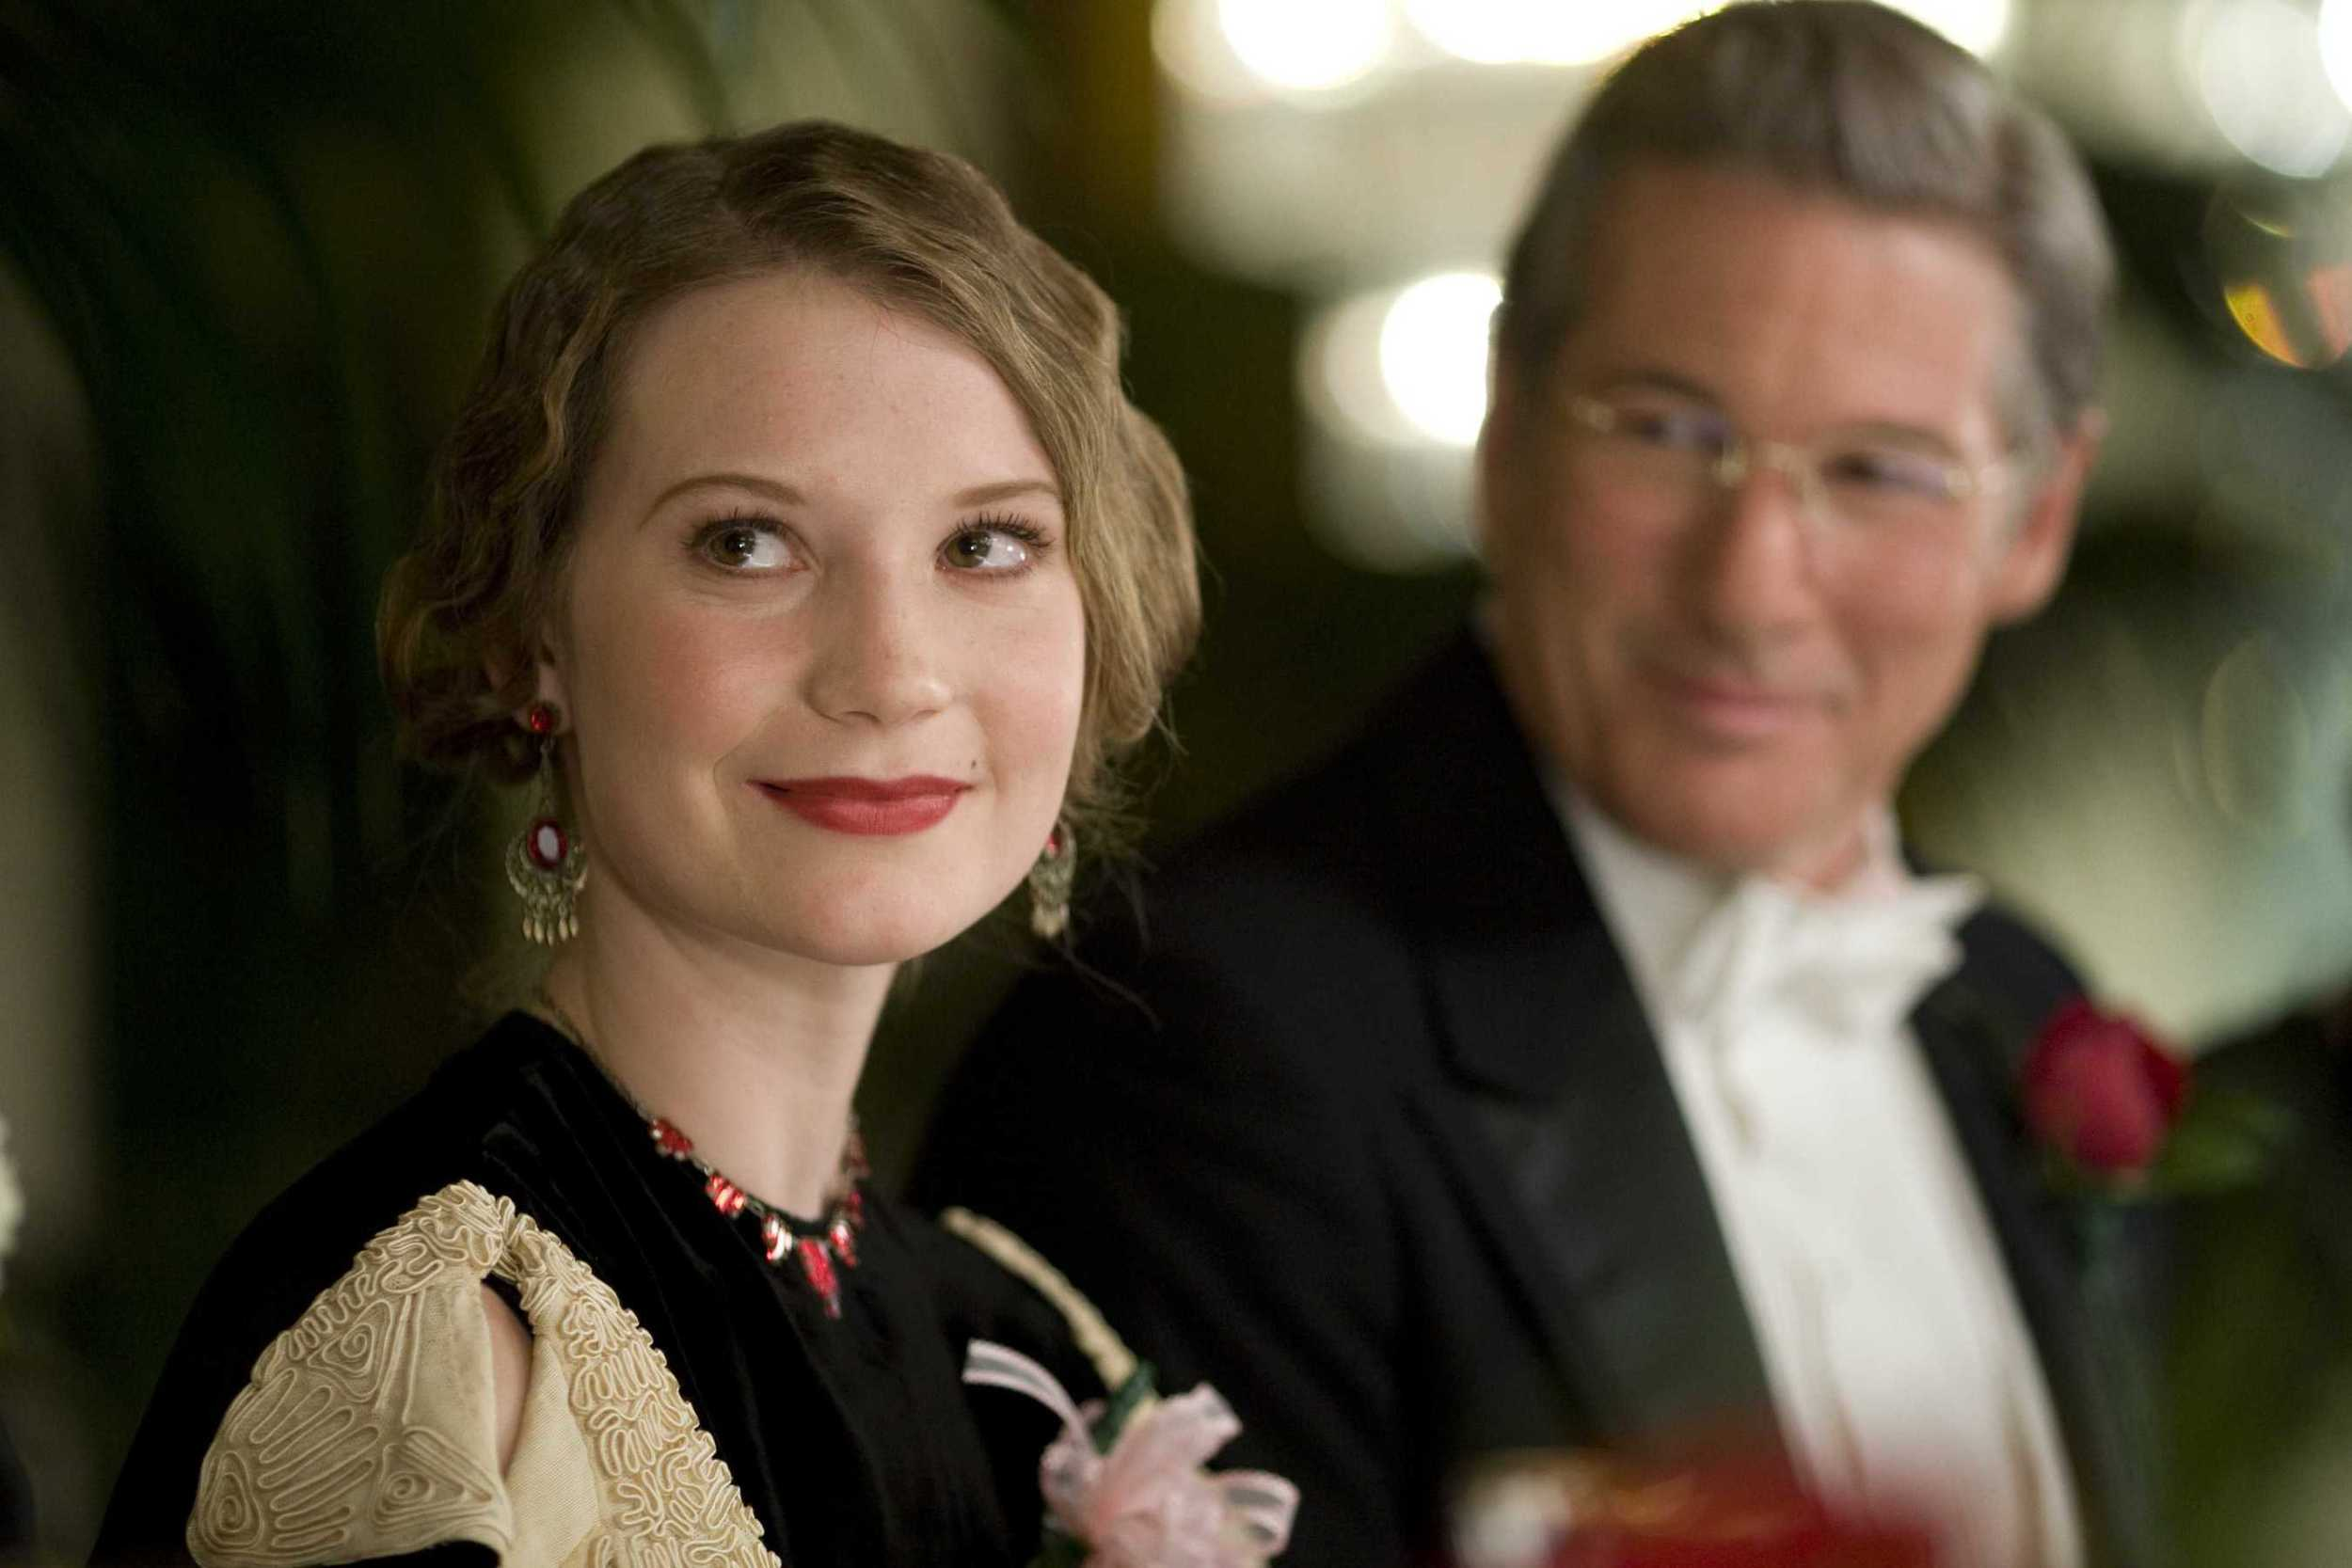 Mia Wasikowska and Richard Gere in  Amelia  (2009)